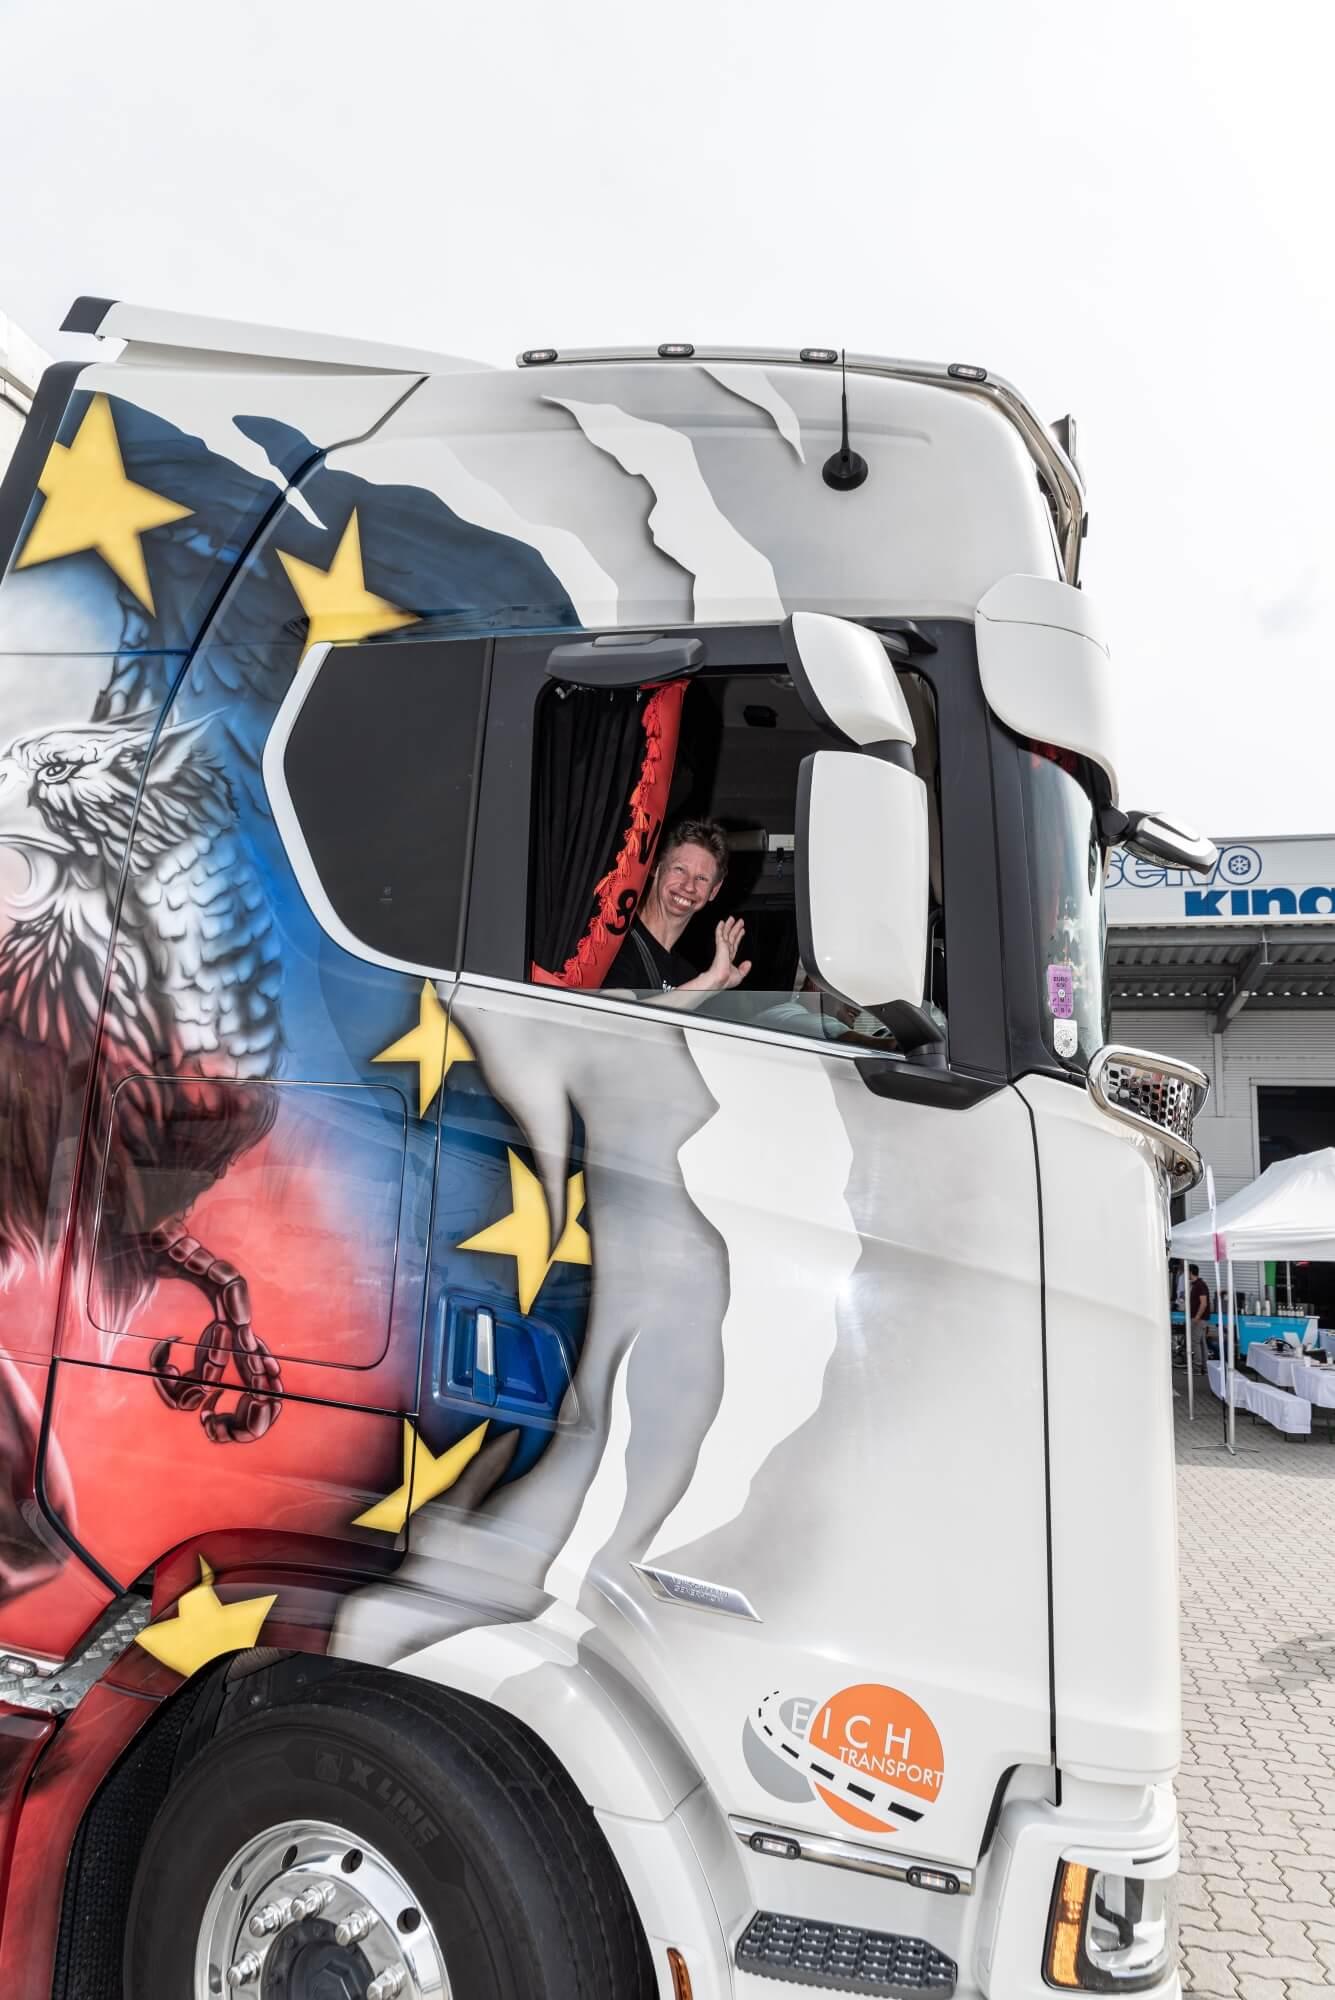 Christoph Dietrich sitzt lächelnd im LKW und winkt. Der LKW ist bunt bemalt.